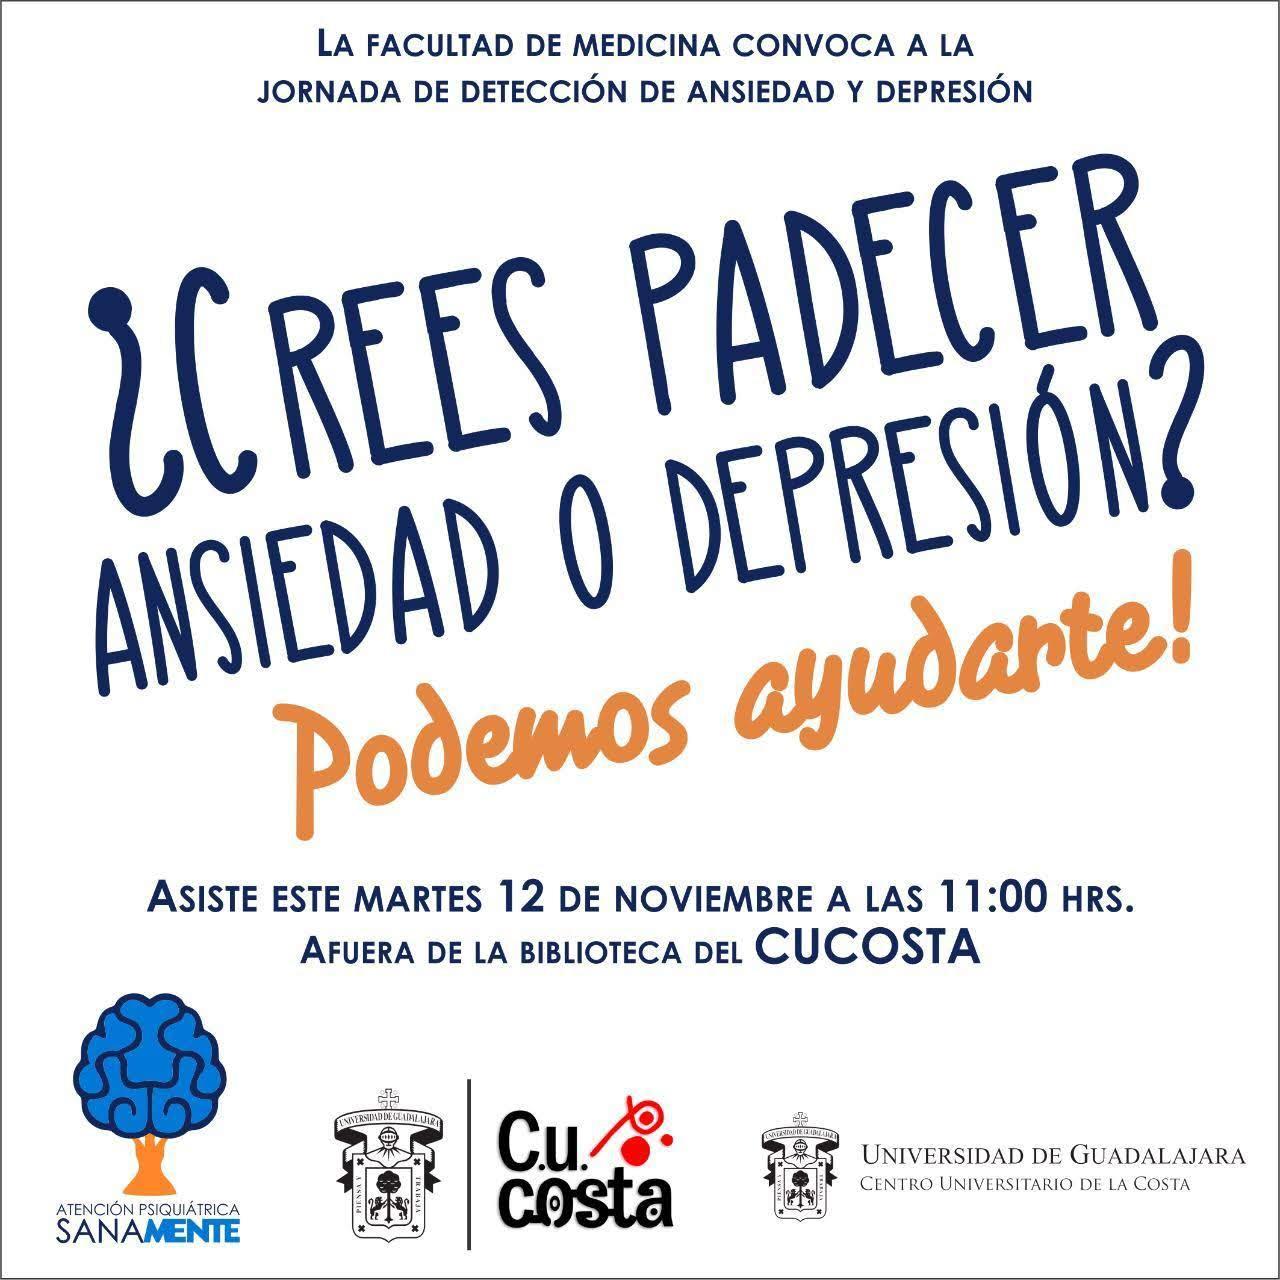 Convocatoria a la jornada de detección de Ansiedad y Depresión en el CUCosta de la UdeG